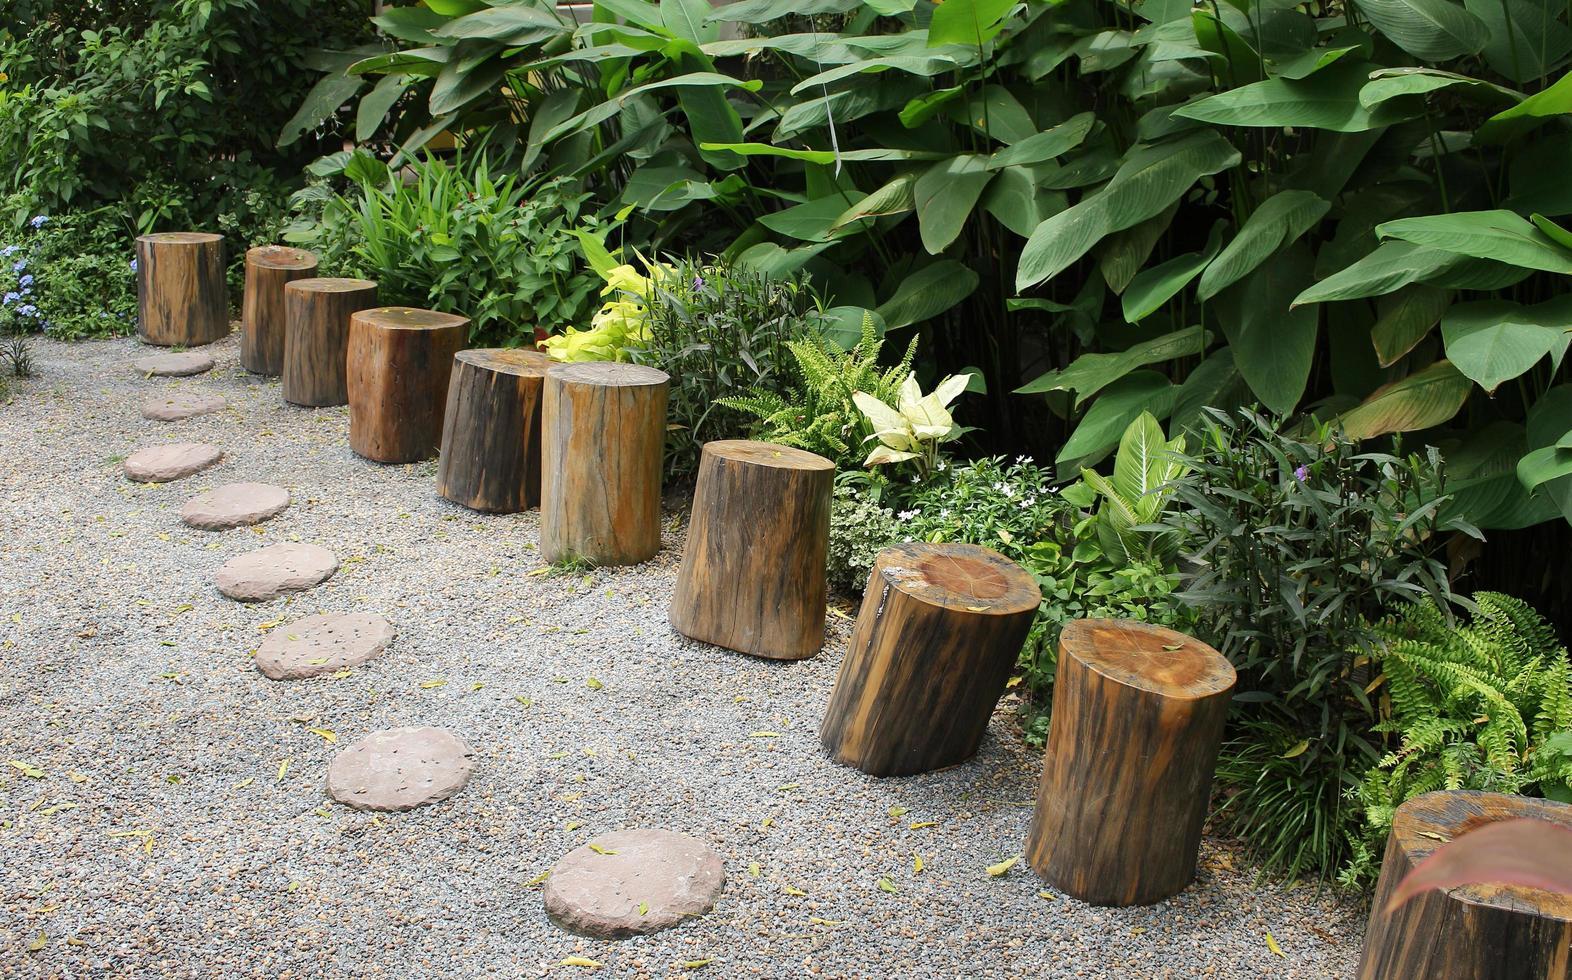 Valla de tocón de madera en el jardín foto